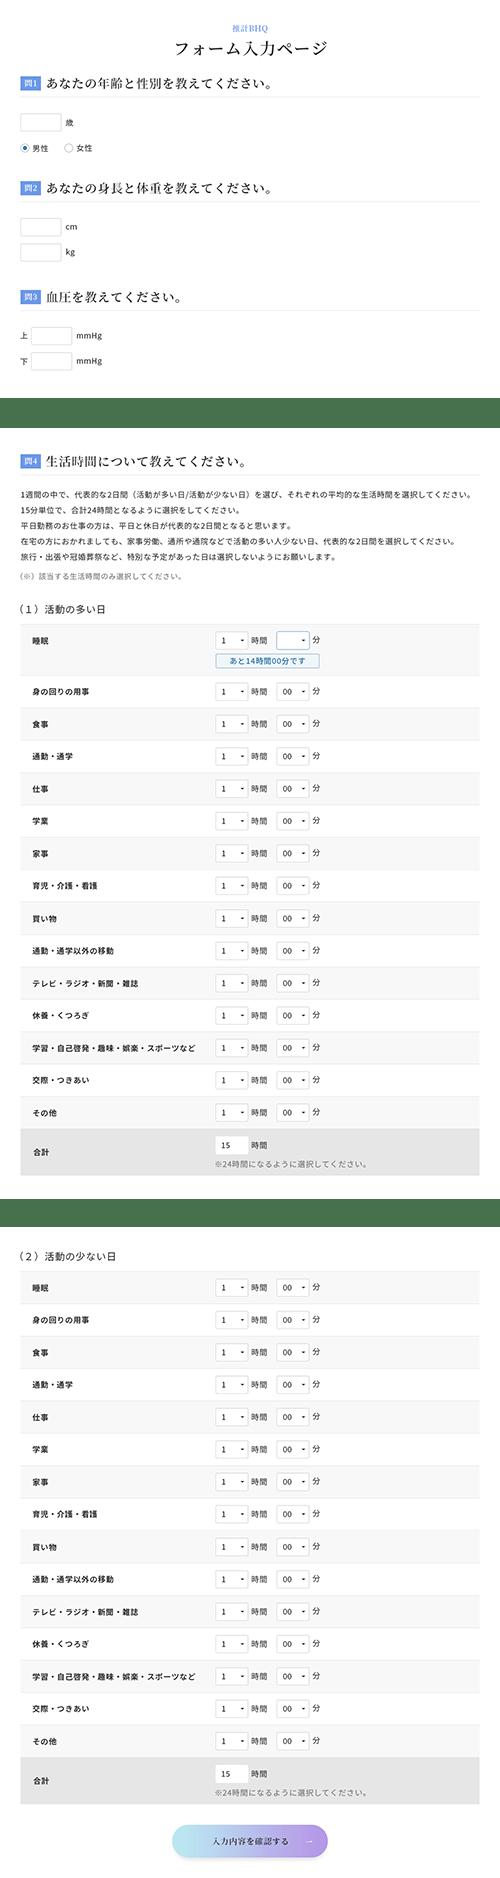 アンケートによる簡易のBHQ推定サービスのスクリーンショット